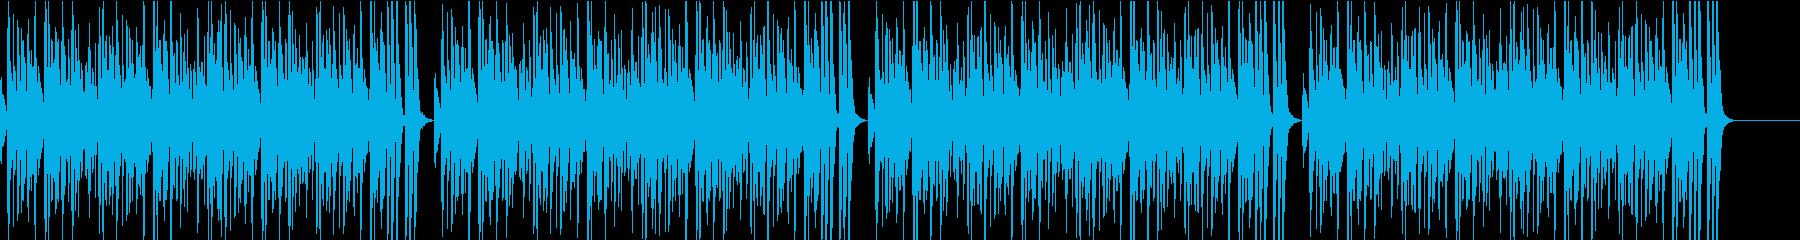 まったり常夏アイランドループBGMの再生済みの波形